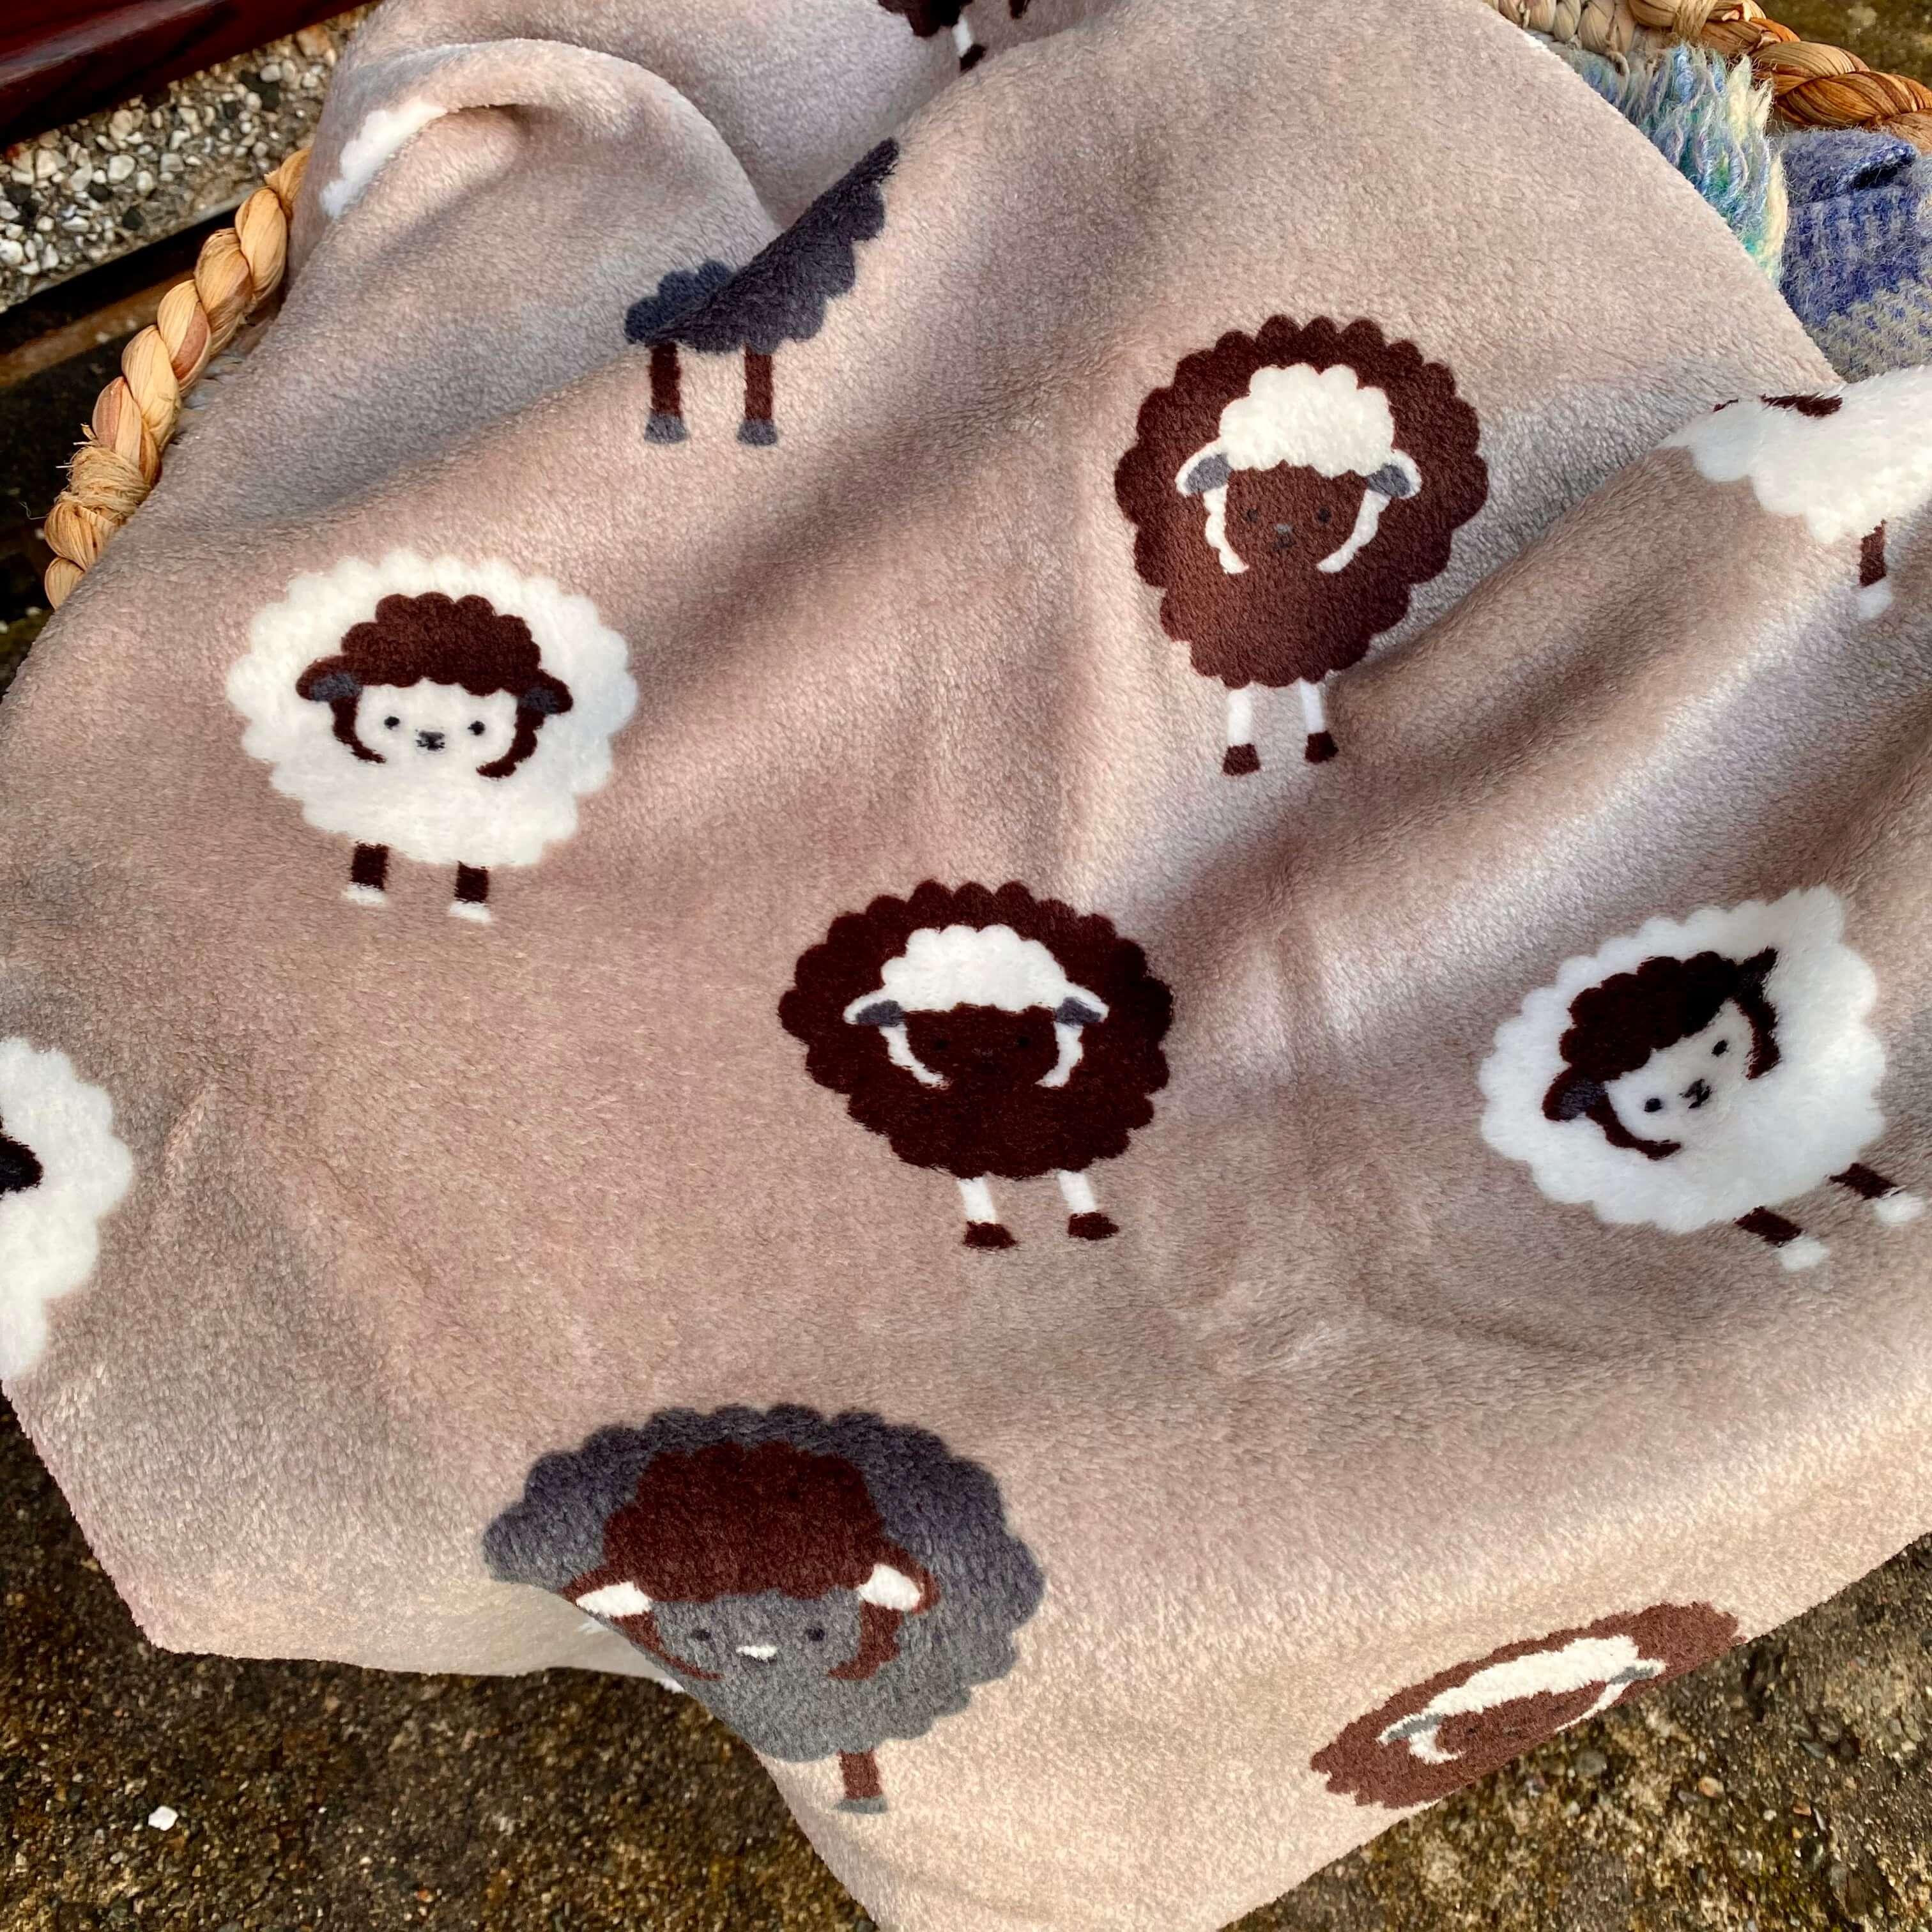 Brown Sheep Print Blanket